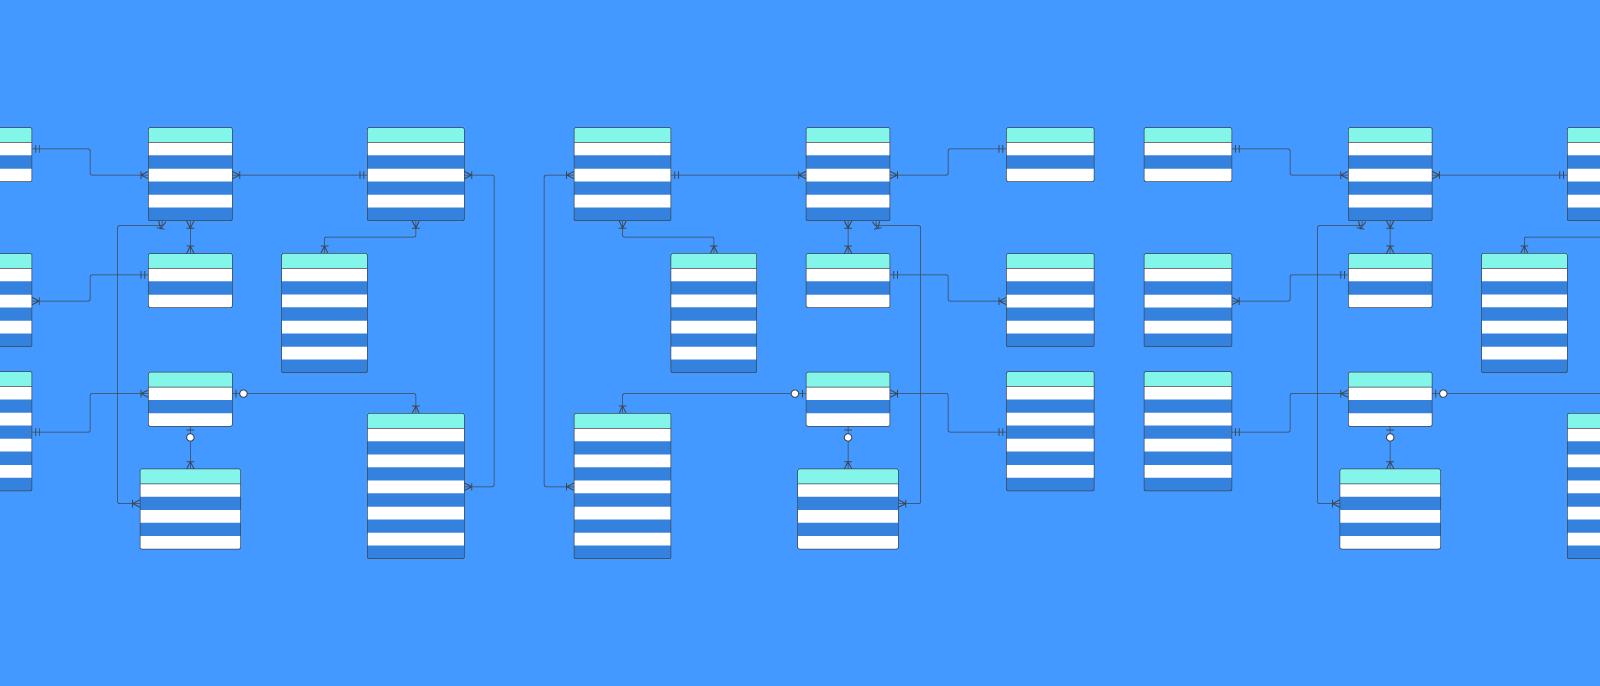 Er Diagram (Erd) - Definition & Overview | Lucidchart regarding Define Erd